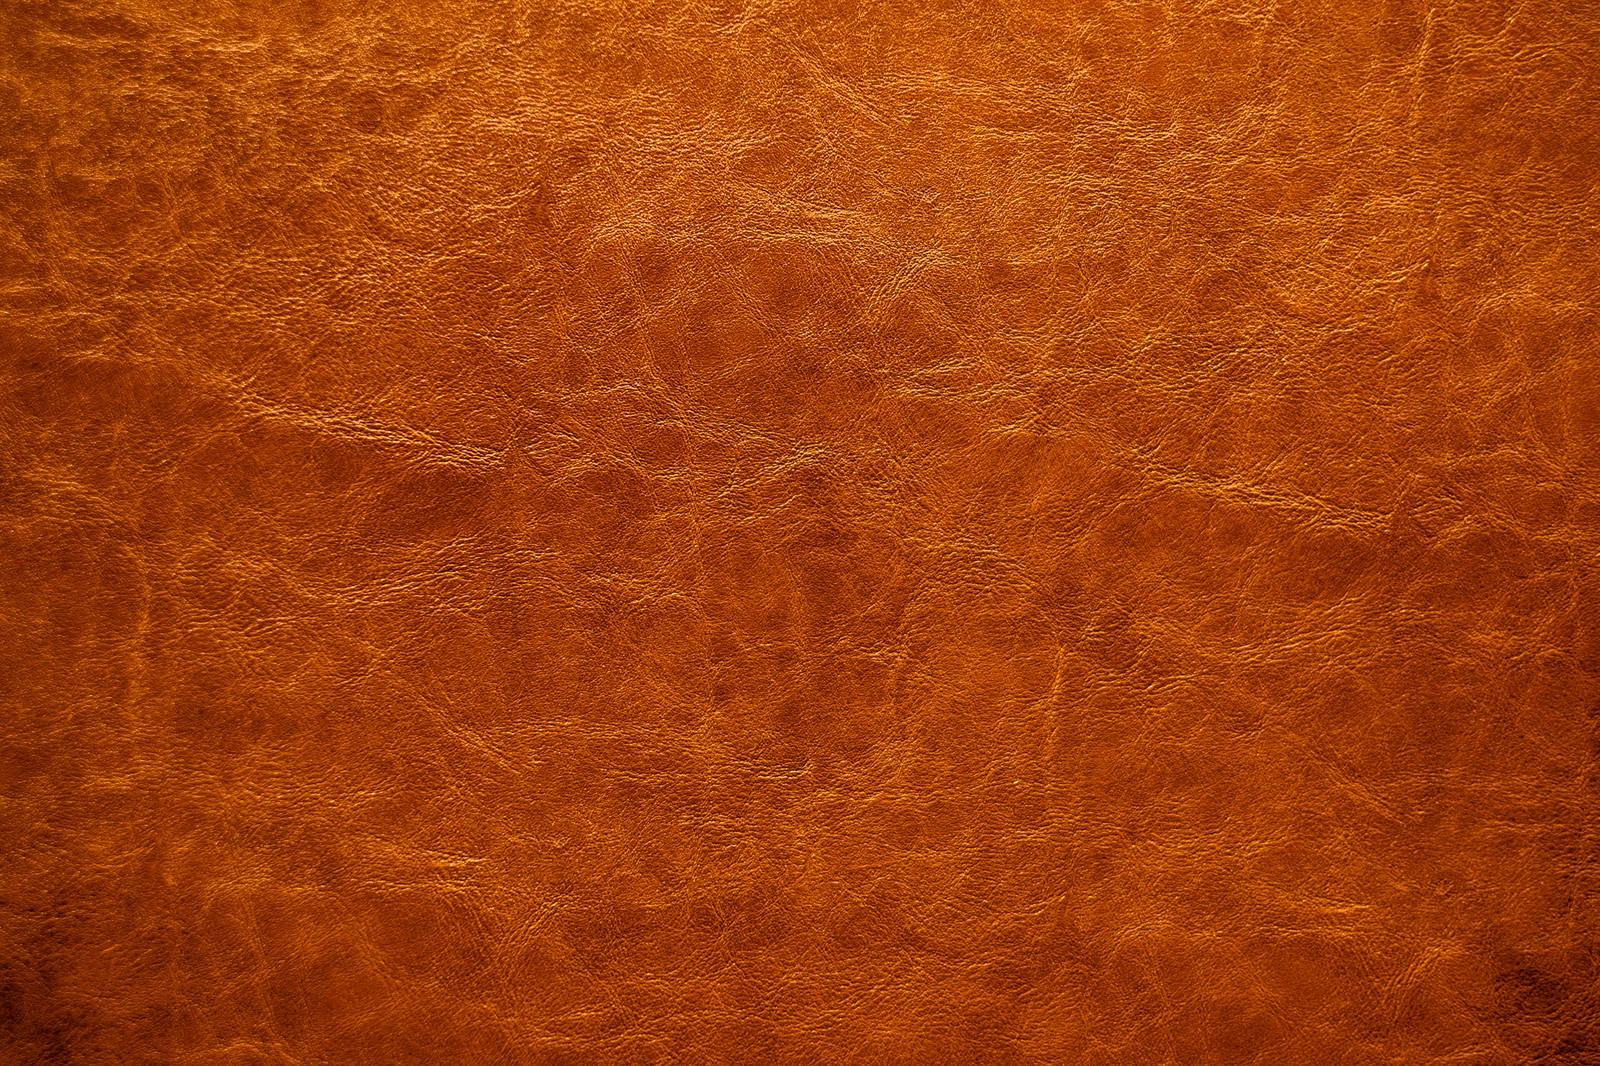 「レザー(皮革)のテクスチャー」の写真